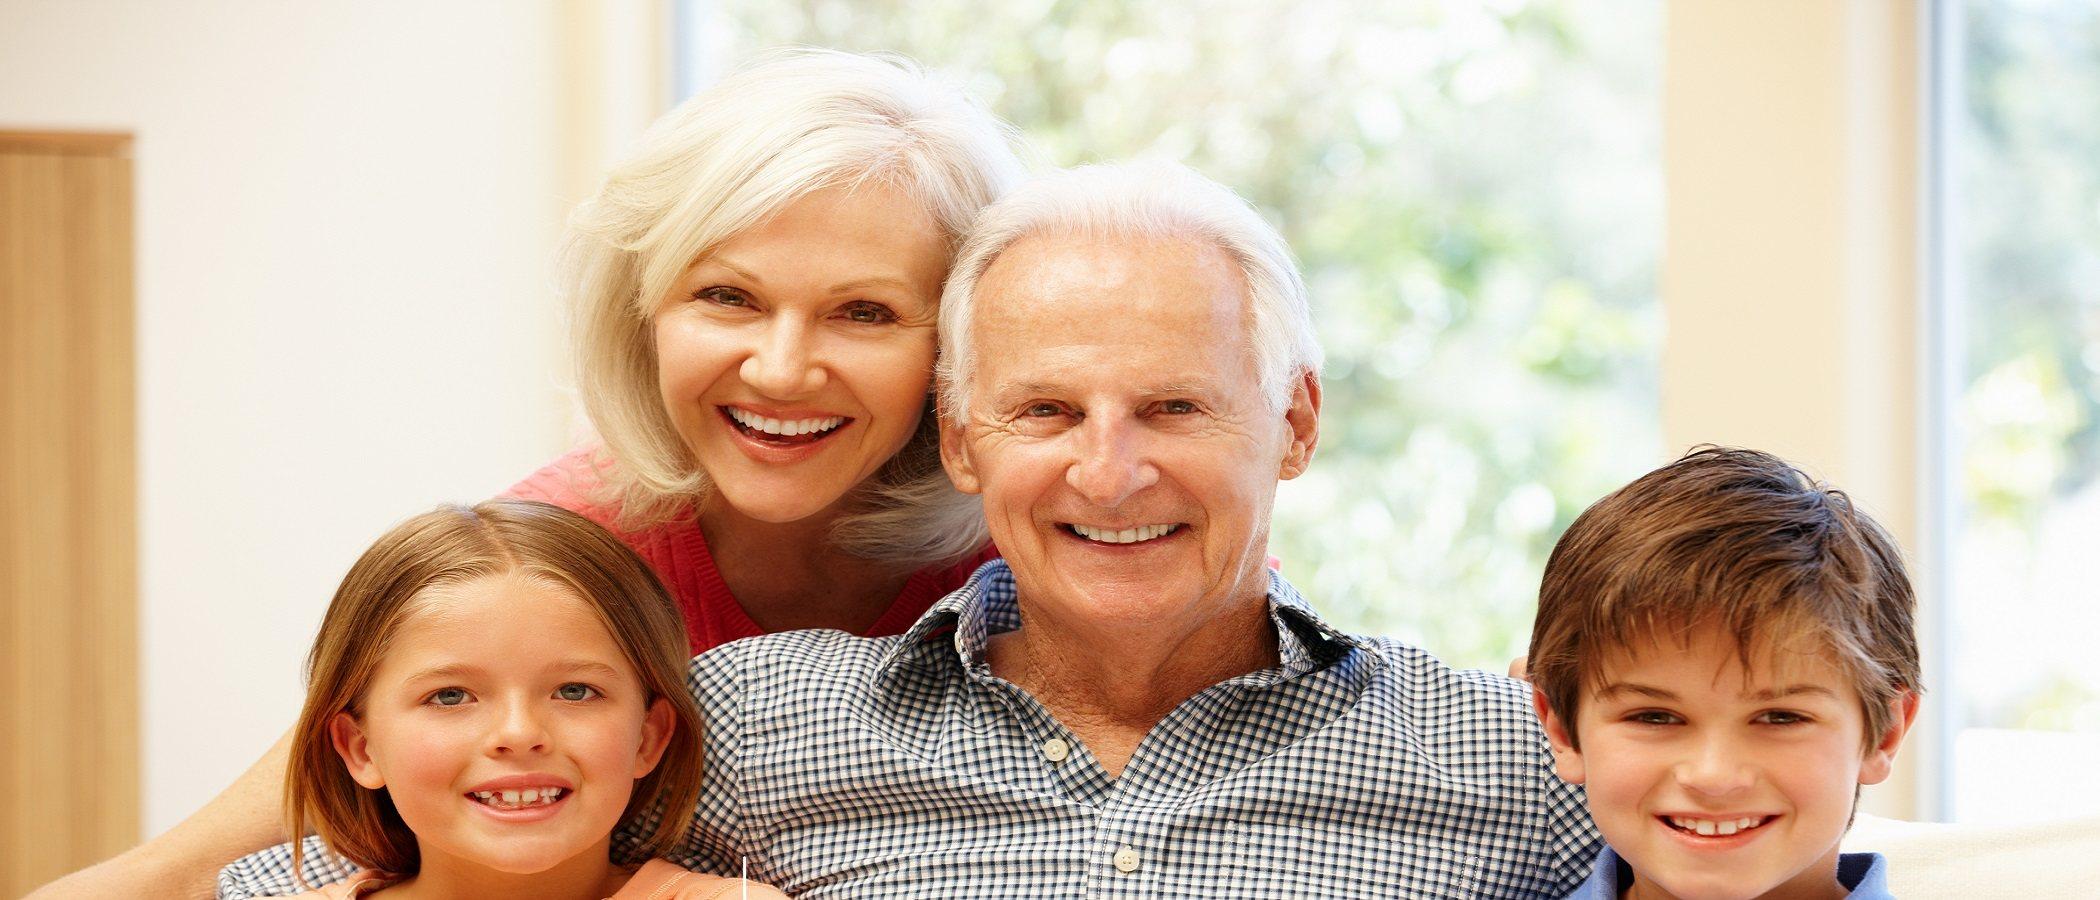 Mitos sobre los abuelos